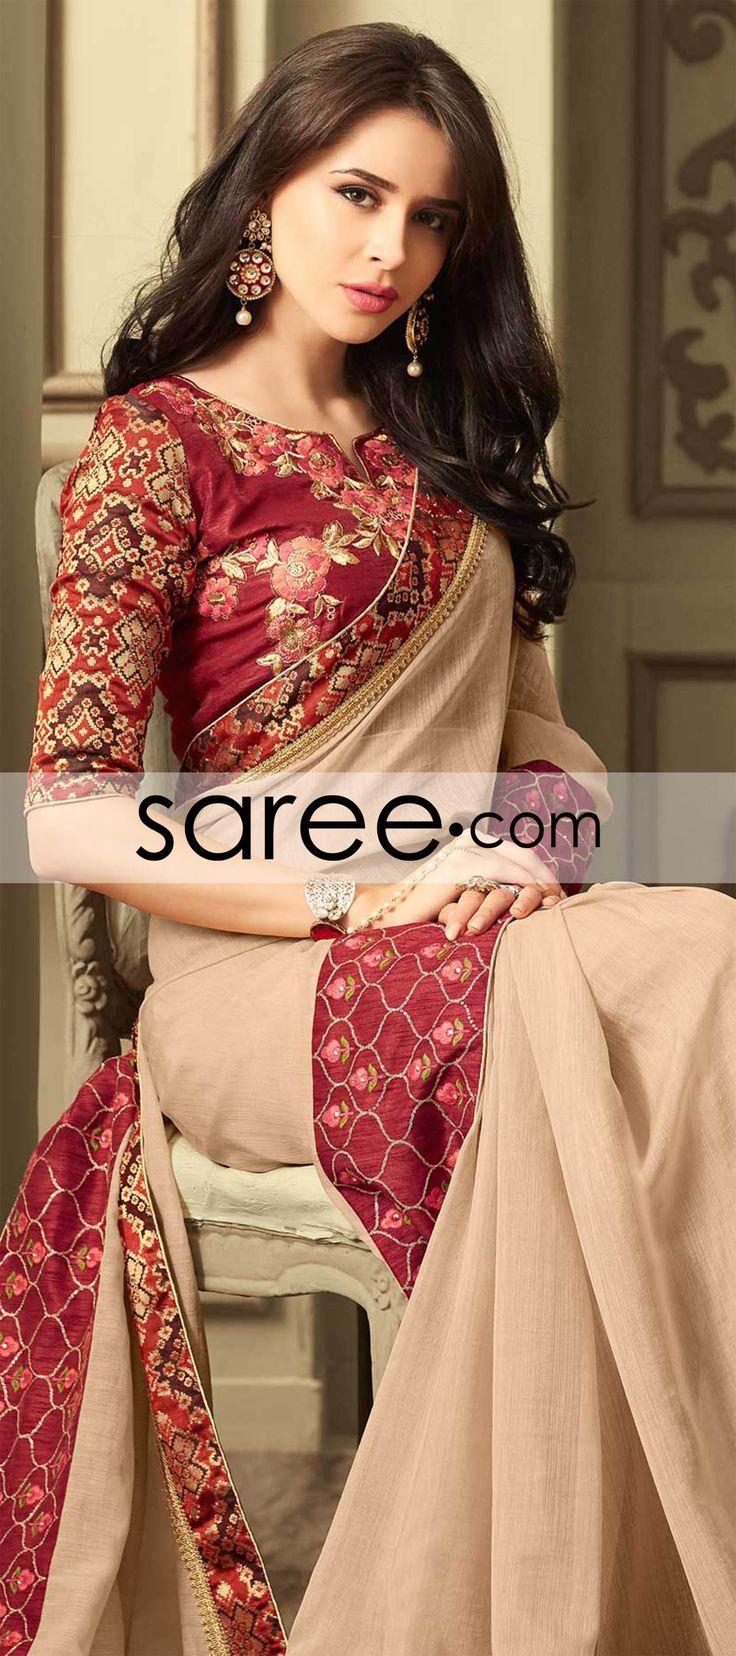 PEACH SILK SAREE WITH LACE  #Saree #ChiffonSarees  #GeorgetteSarees #IndianSaree #Sarees  #SilkSarees #PartywearSarees #WeddingSarees #BuyOnline #OnlieSarees #NetSarees #DesignerSarees #SareeFashion